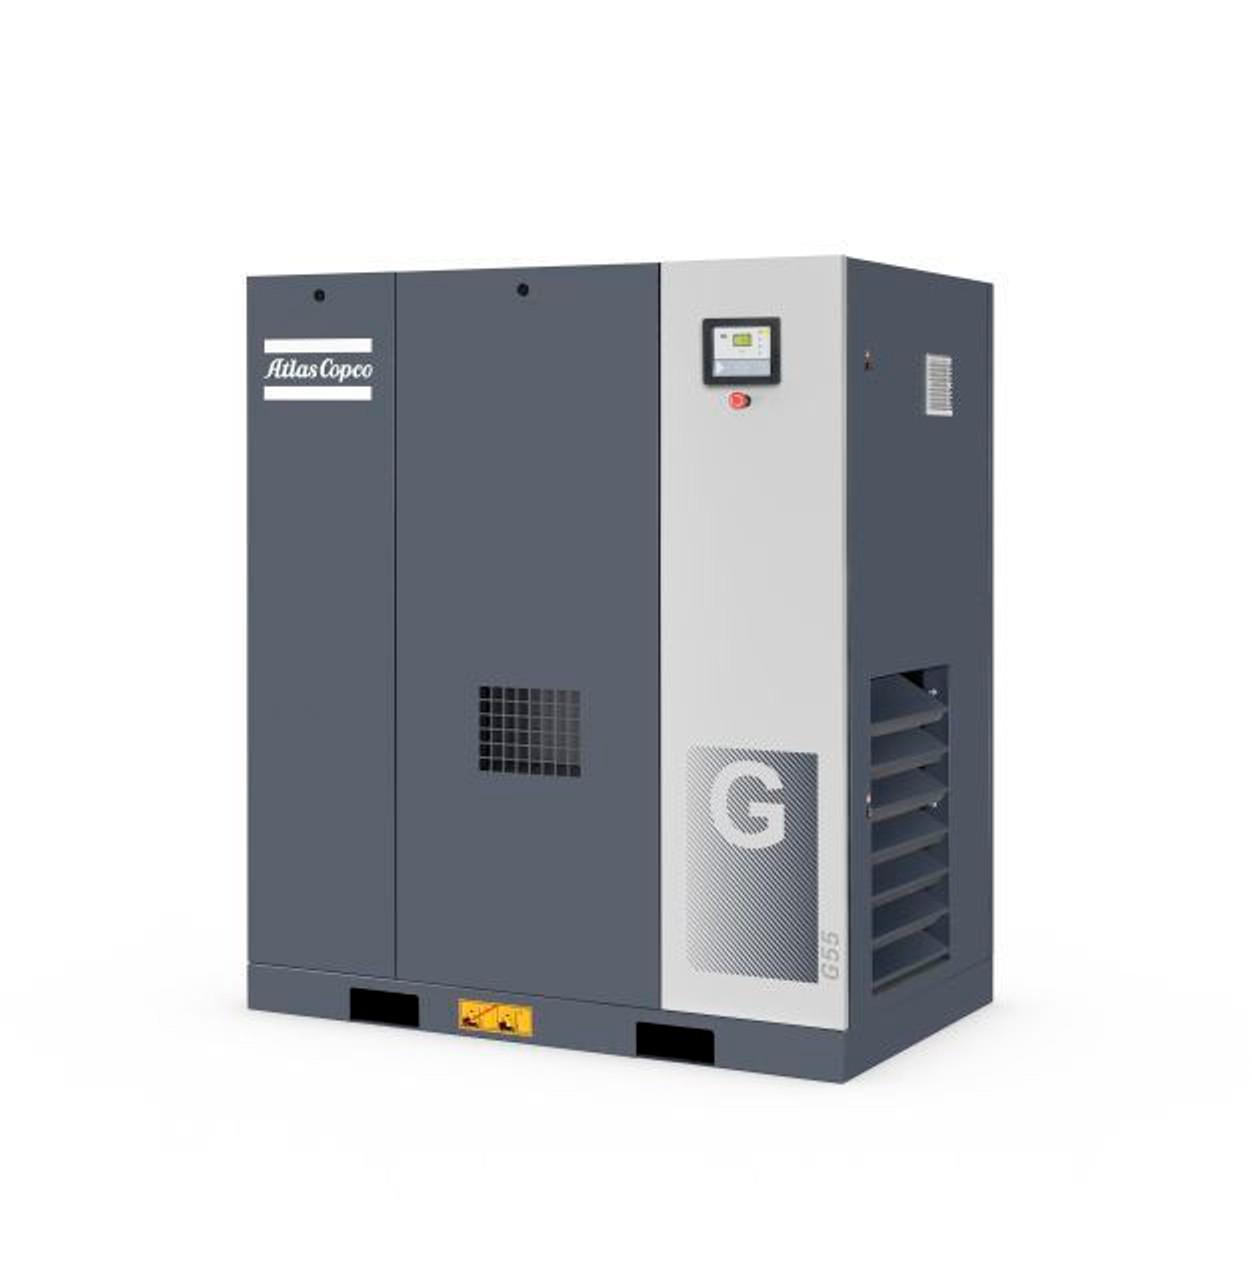 Rotary Screw G18 Compressor- Atlas Copco